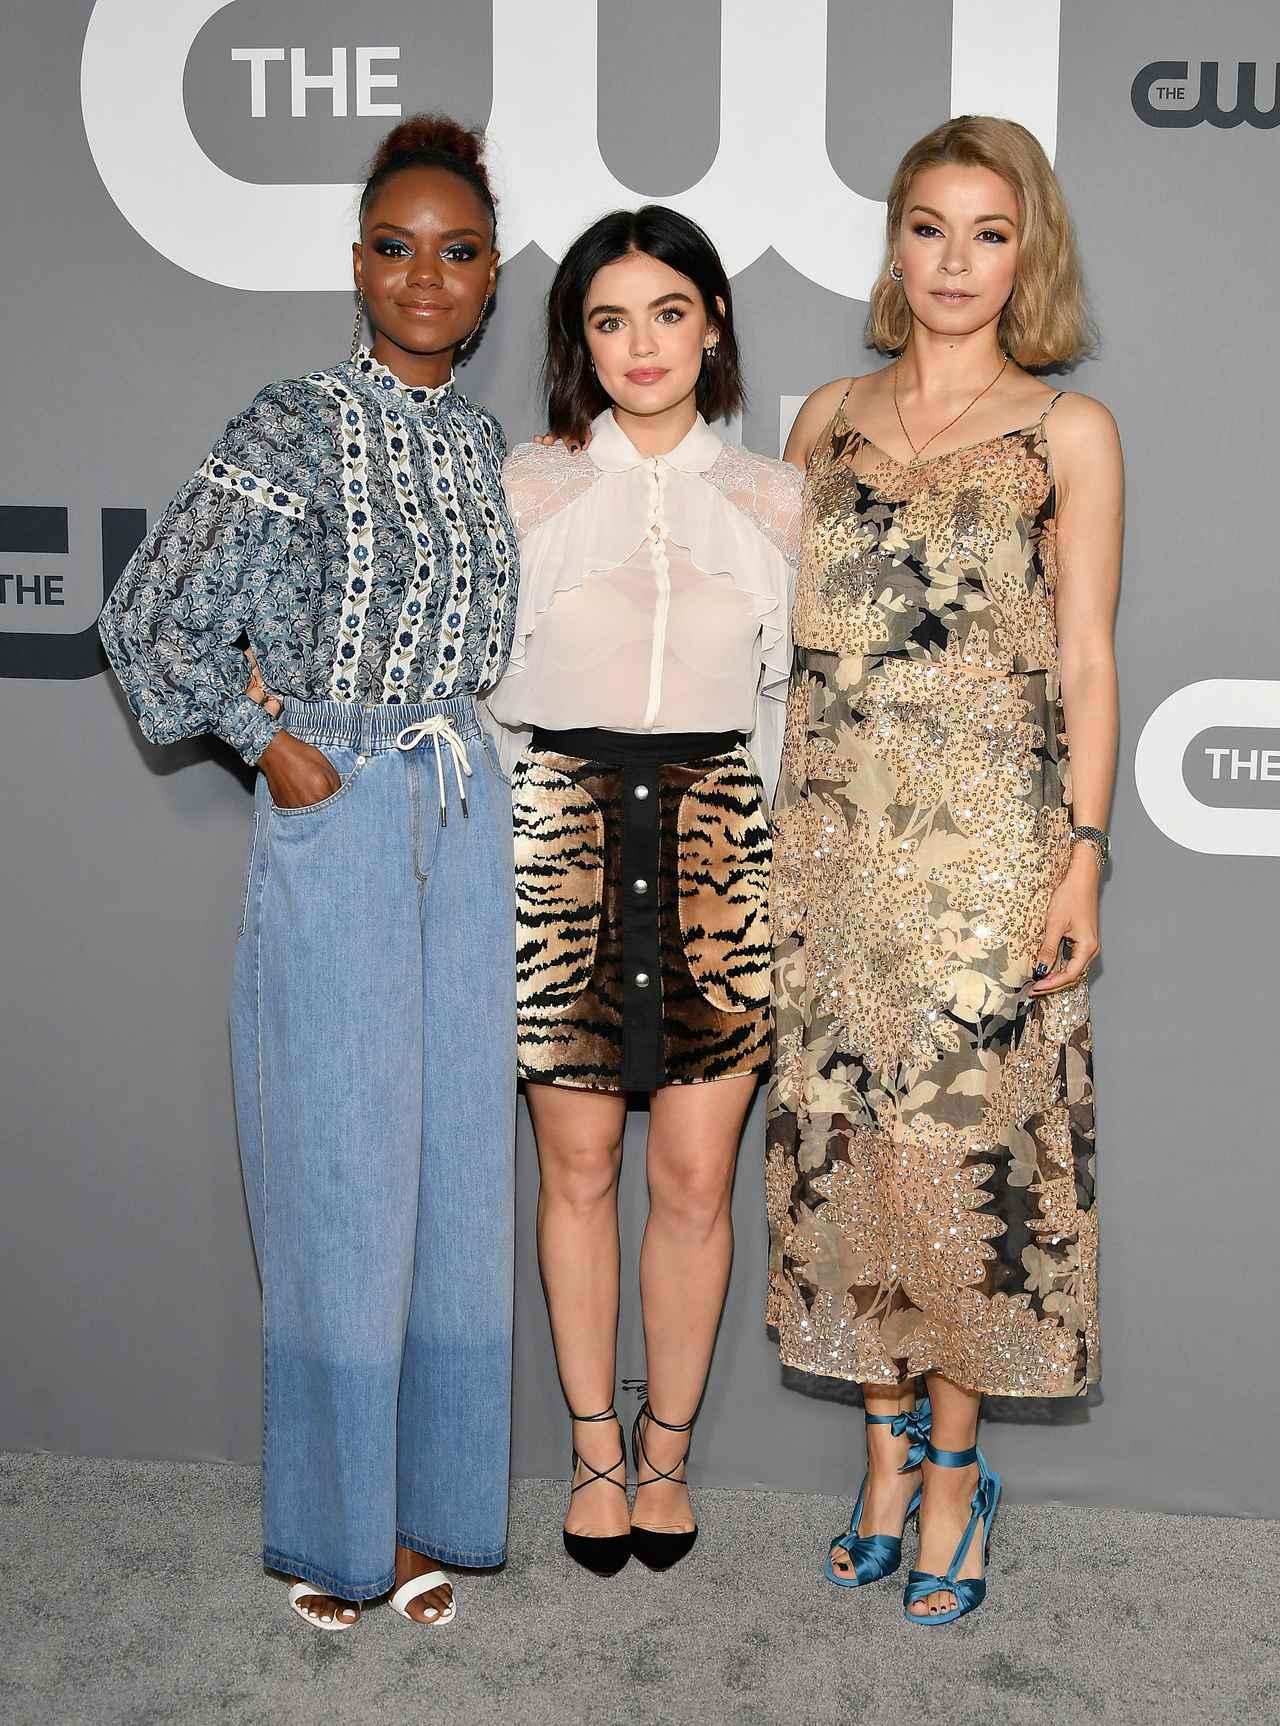 画像: メインキャストのルーシー・ヘイル(中央)、アシュリー・マレー(左)、ジュリア・チャン(右)が、2019 CW Network Upfrontに登場。